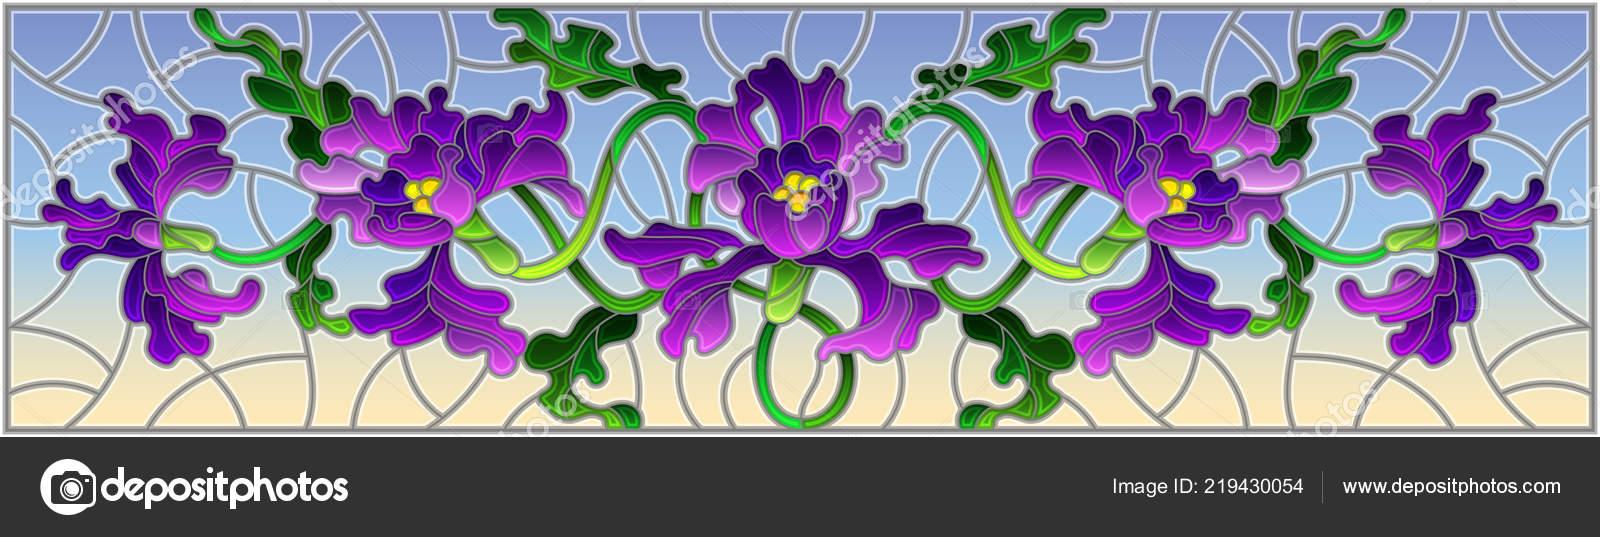 Ilustracion Estilo Vidrieras Con Flores Hojas Flor Iris Morado Sobre